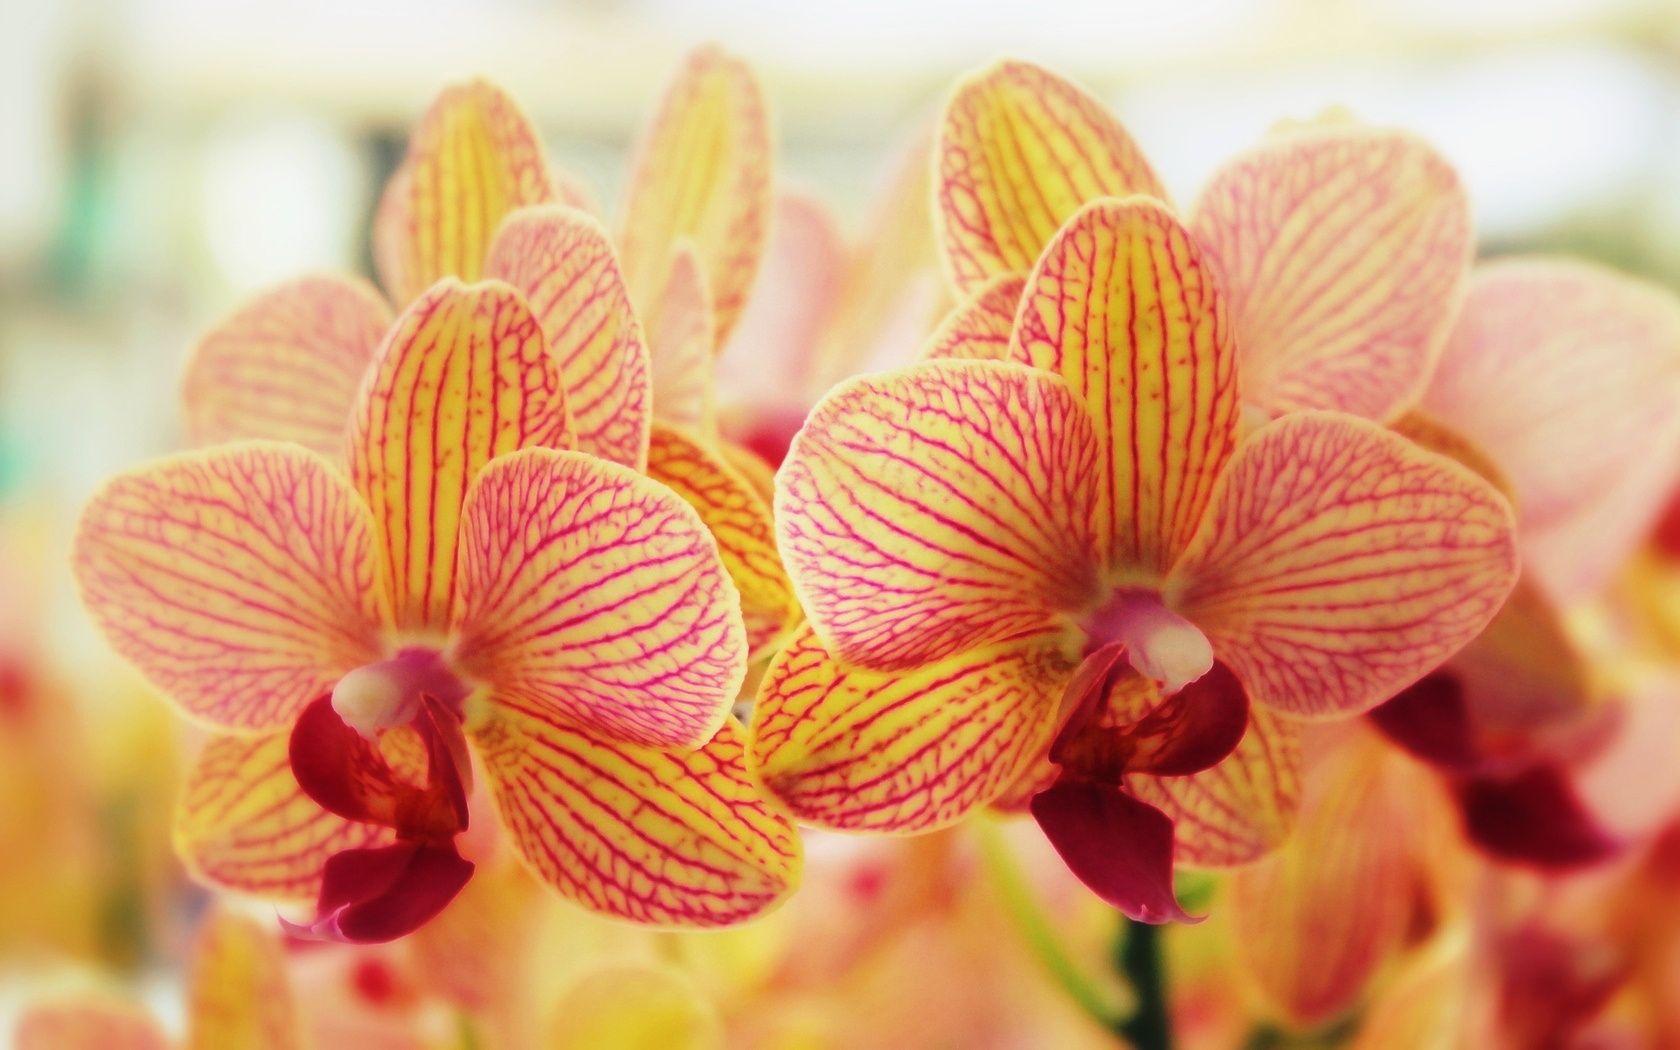 Wallpaper download on zedge - Flowers Wallpapers Free Download Zedge Best Hd Wallpapers